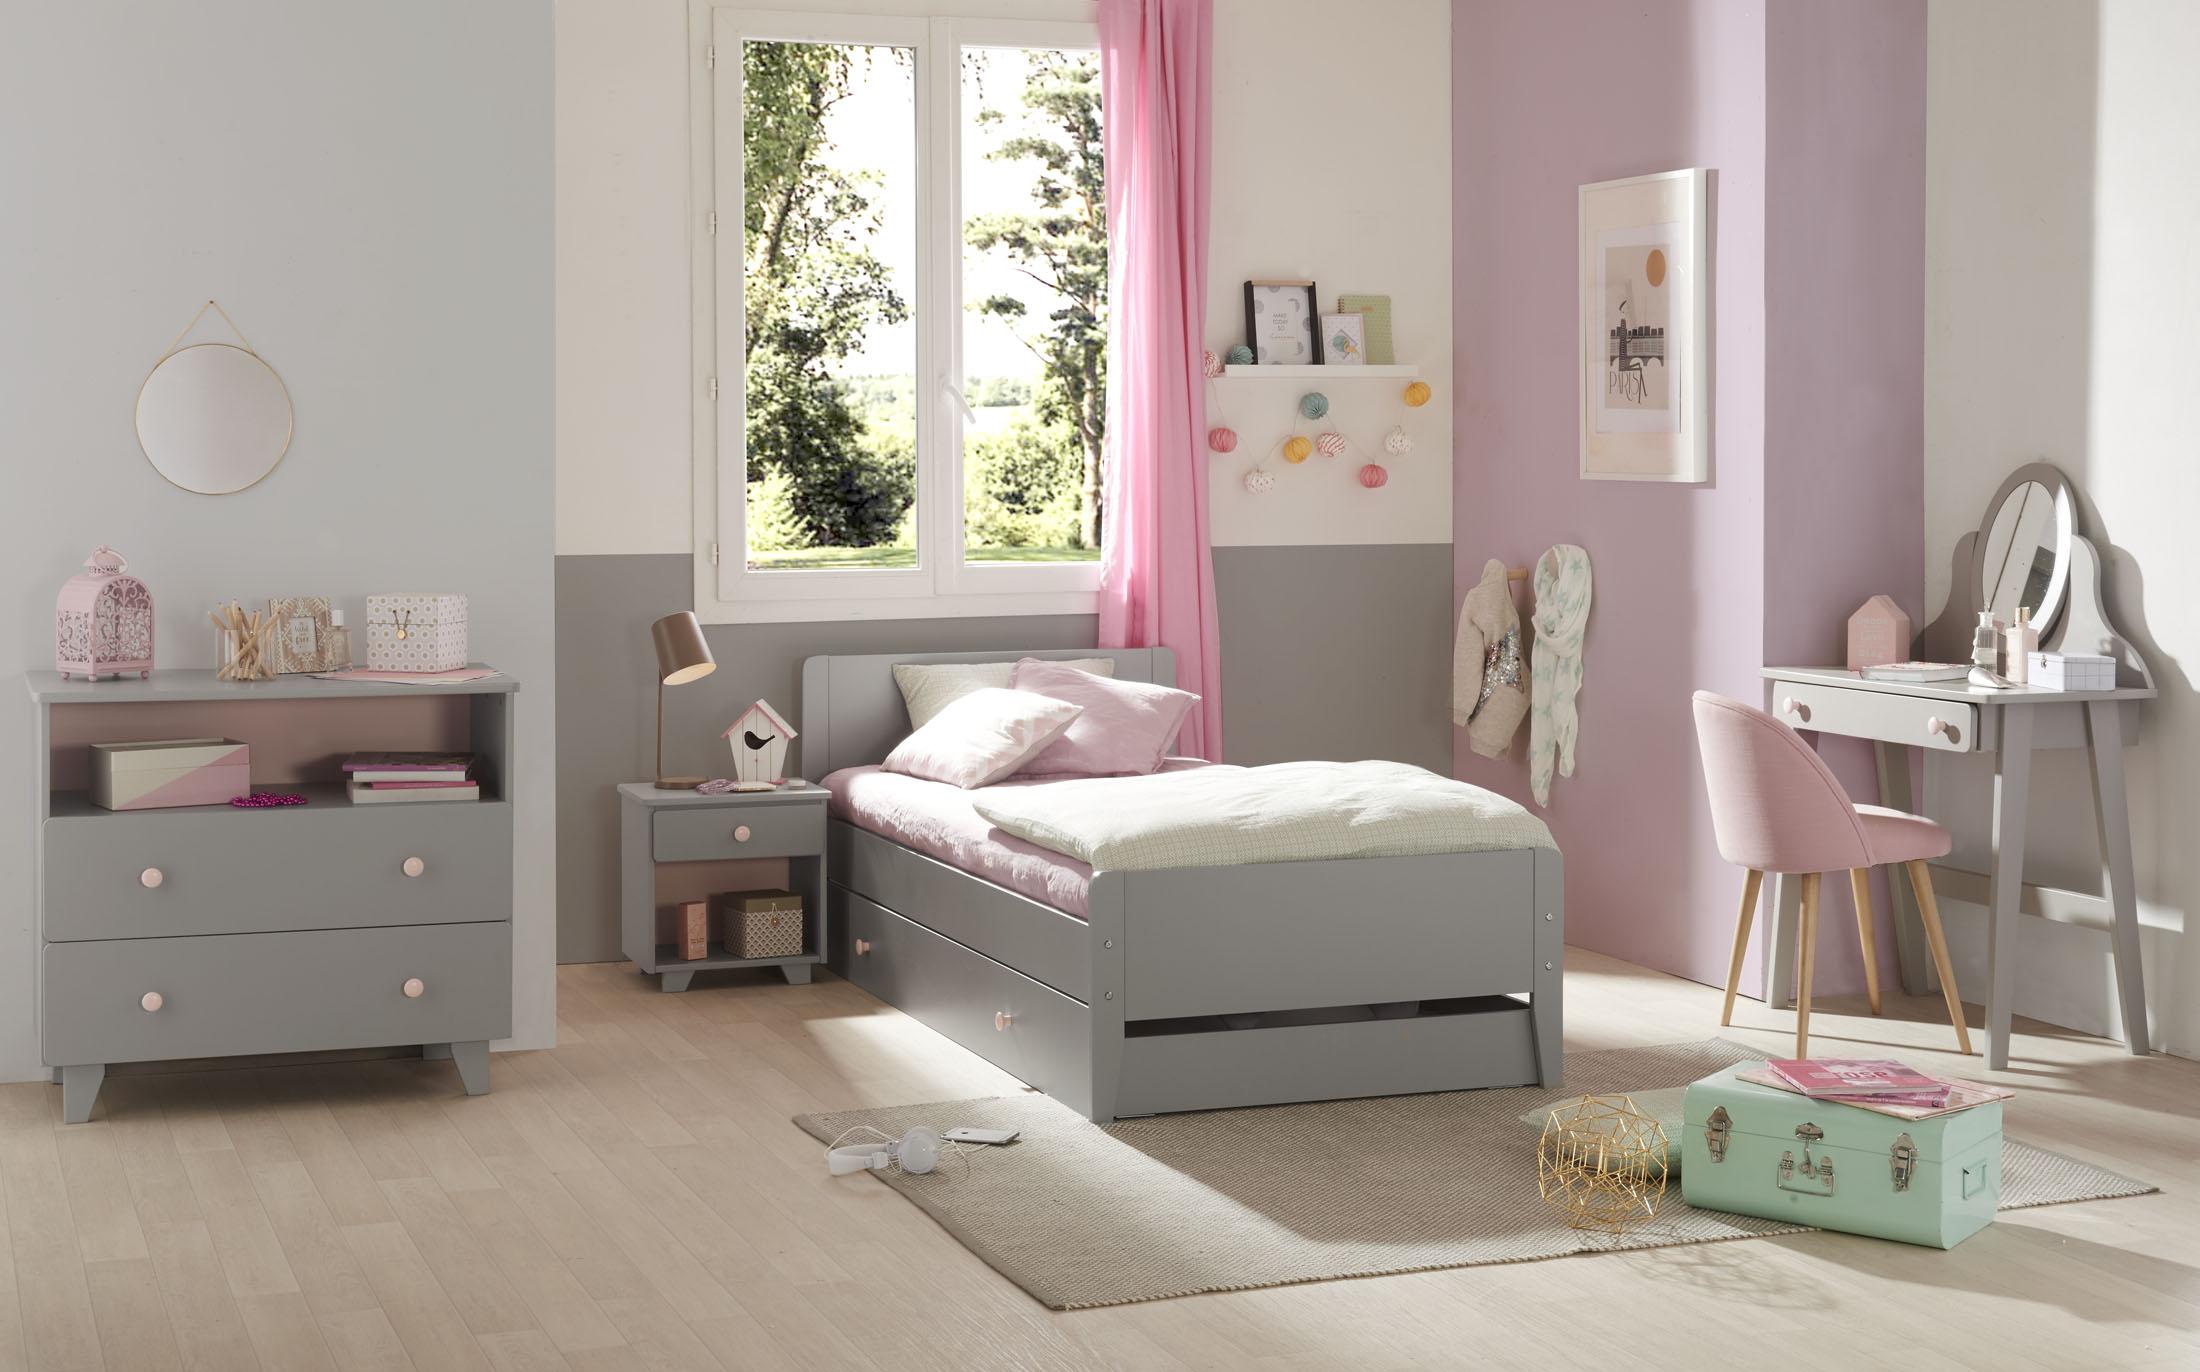 Ambiance Décor studio d'une chambre d'enfant avec un lit une commode et un bureau